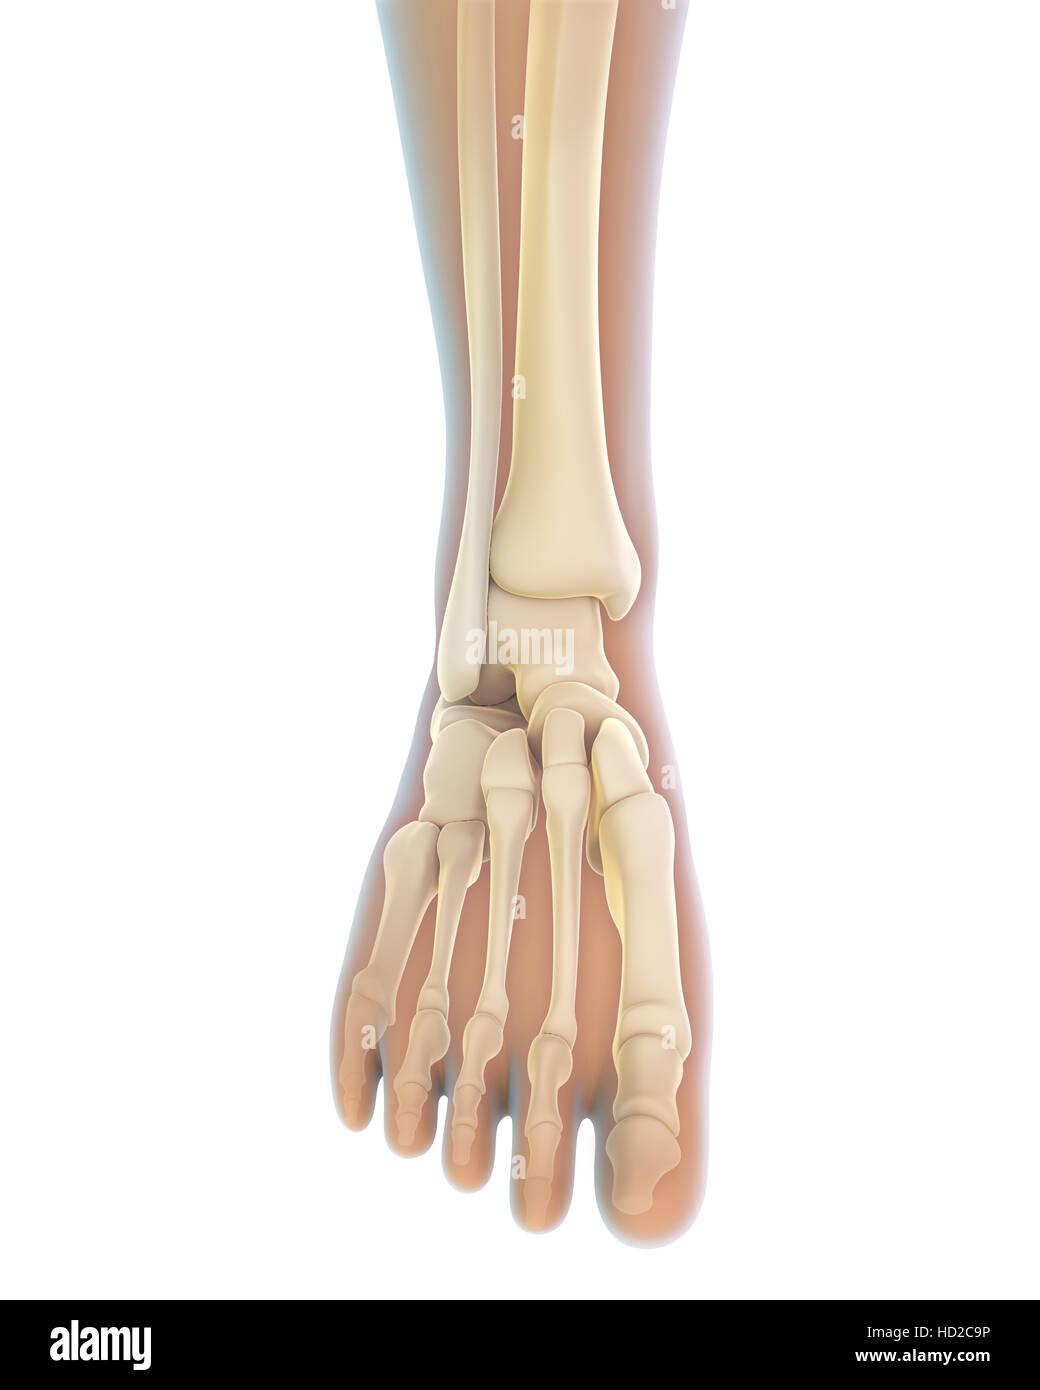 Anatomie des menschlichen Fußes Stockfoto, Bild: 128516690 - Alamy